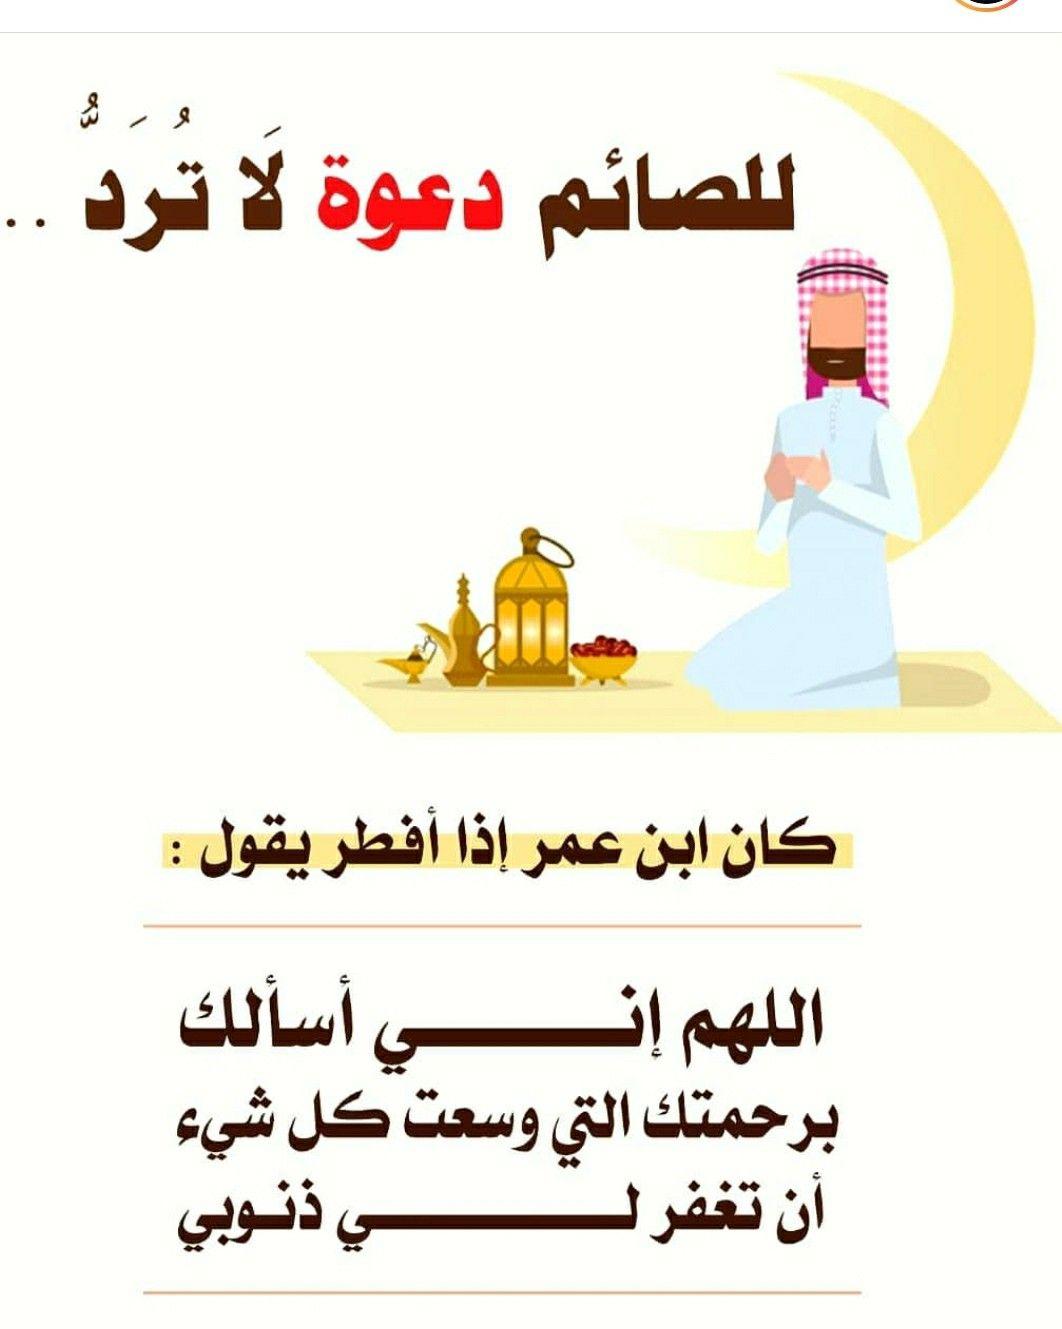 دعاء لا يرد Duaa Islam Islam Movie Posters